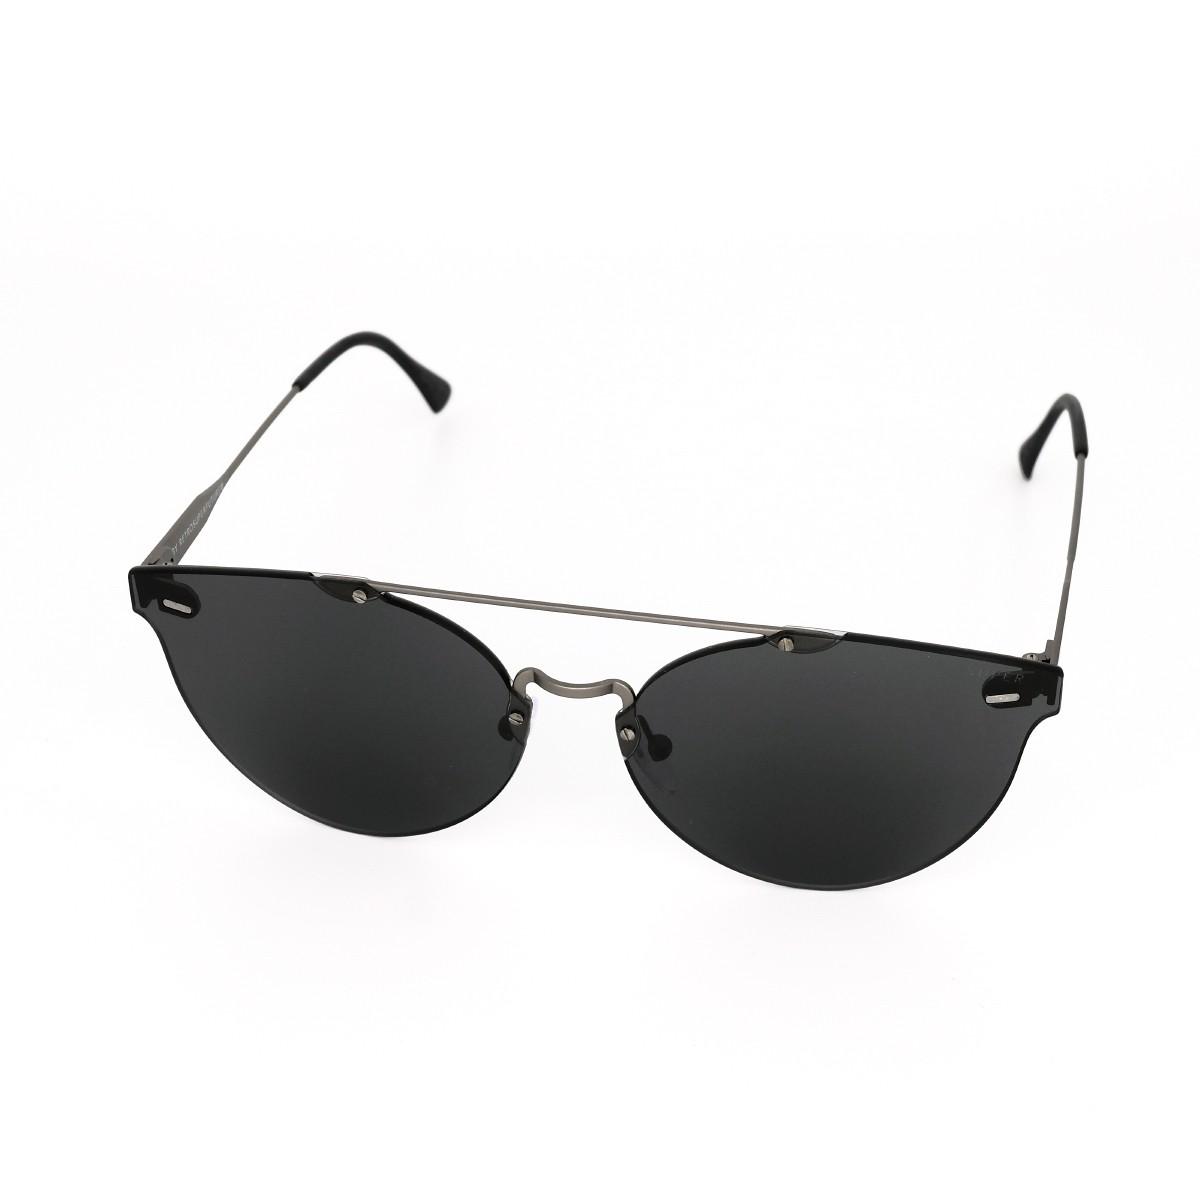 Super Tuttolente Giaguaro Black, 140,00€, Occhiali Super Nero a forma Mascherina